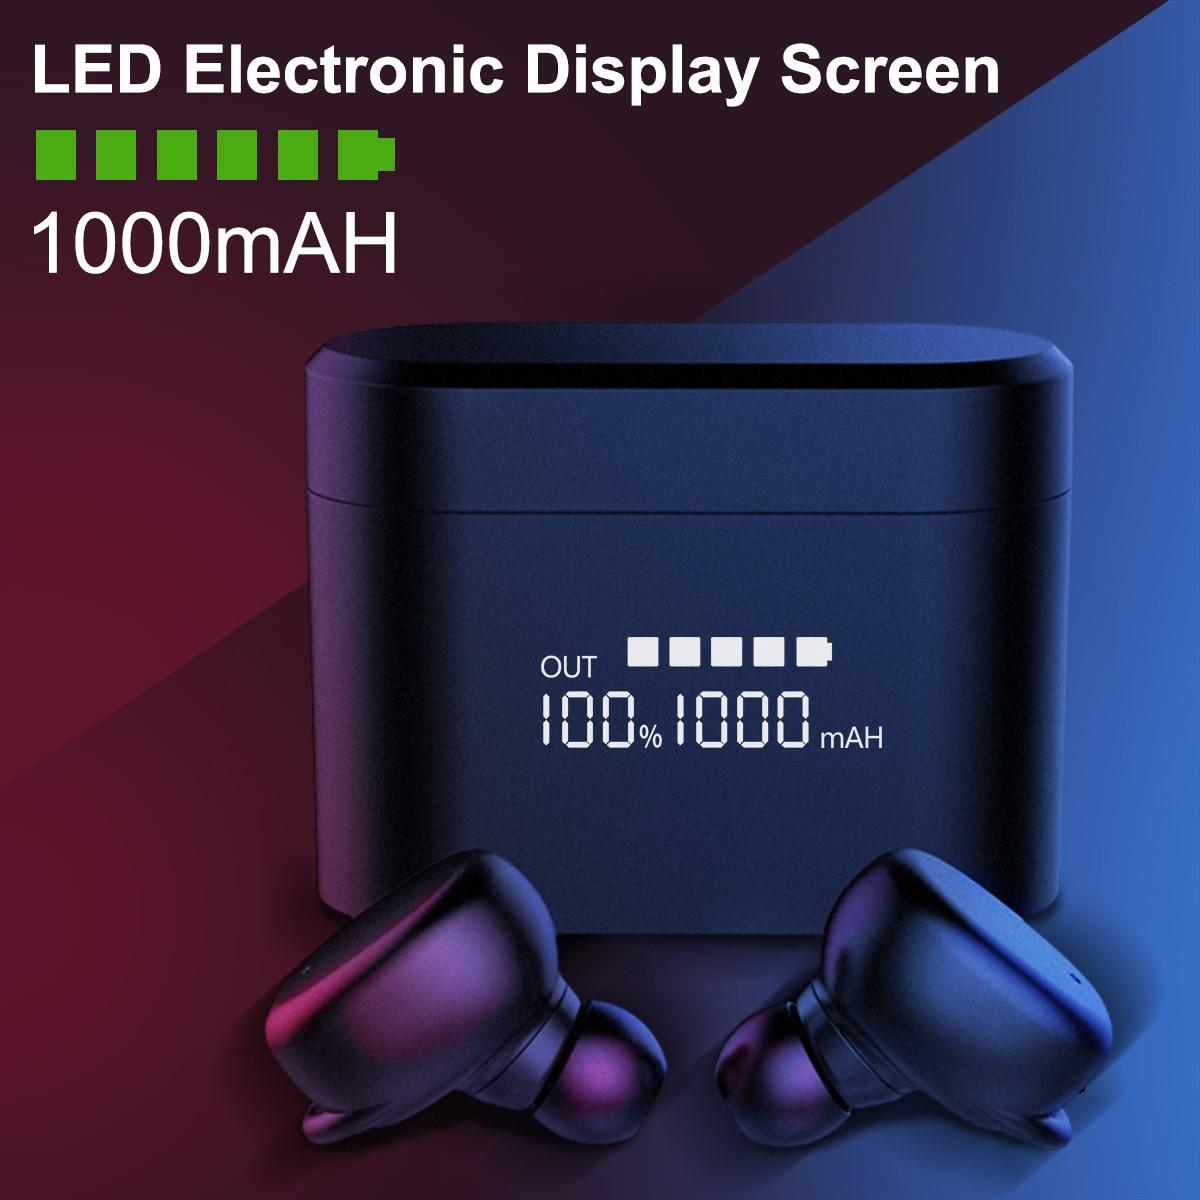 Bluetooth 5.0 écouteurs sans fil écouteur LED écran d'affichage de l'électricité casque casque de jeu téléphone 1000 MAH boîte de charge